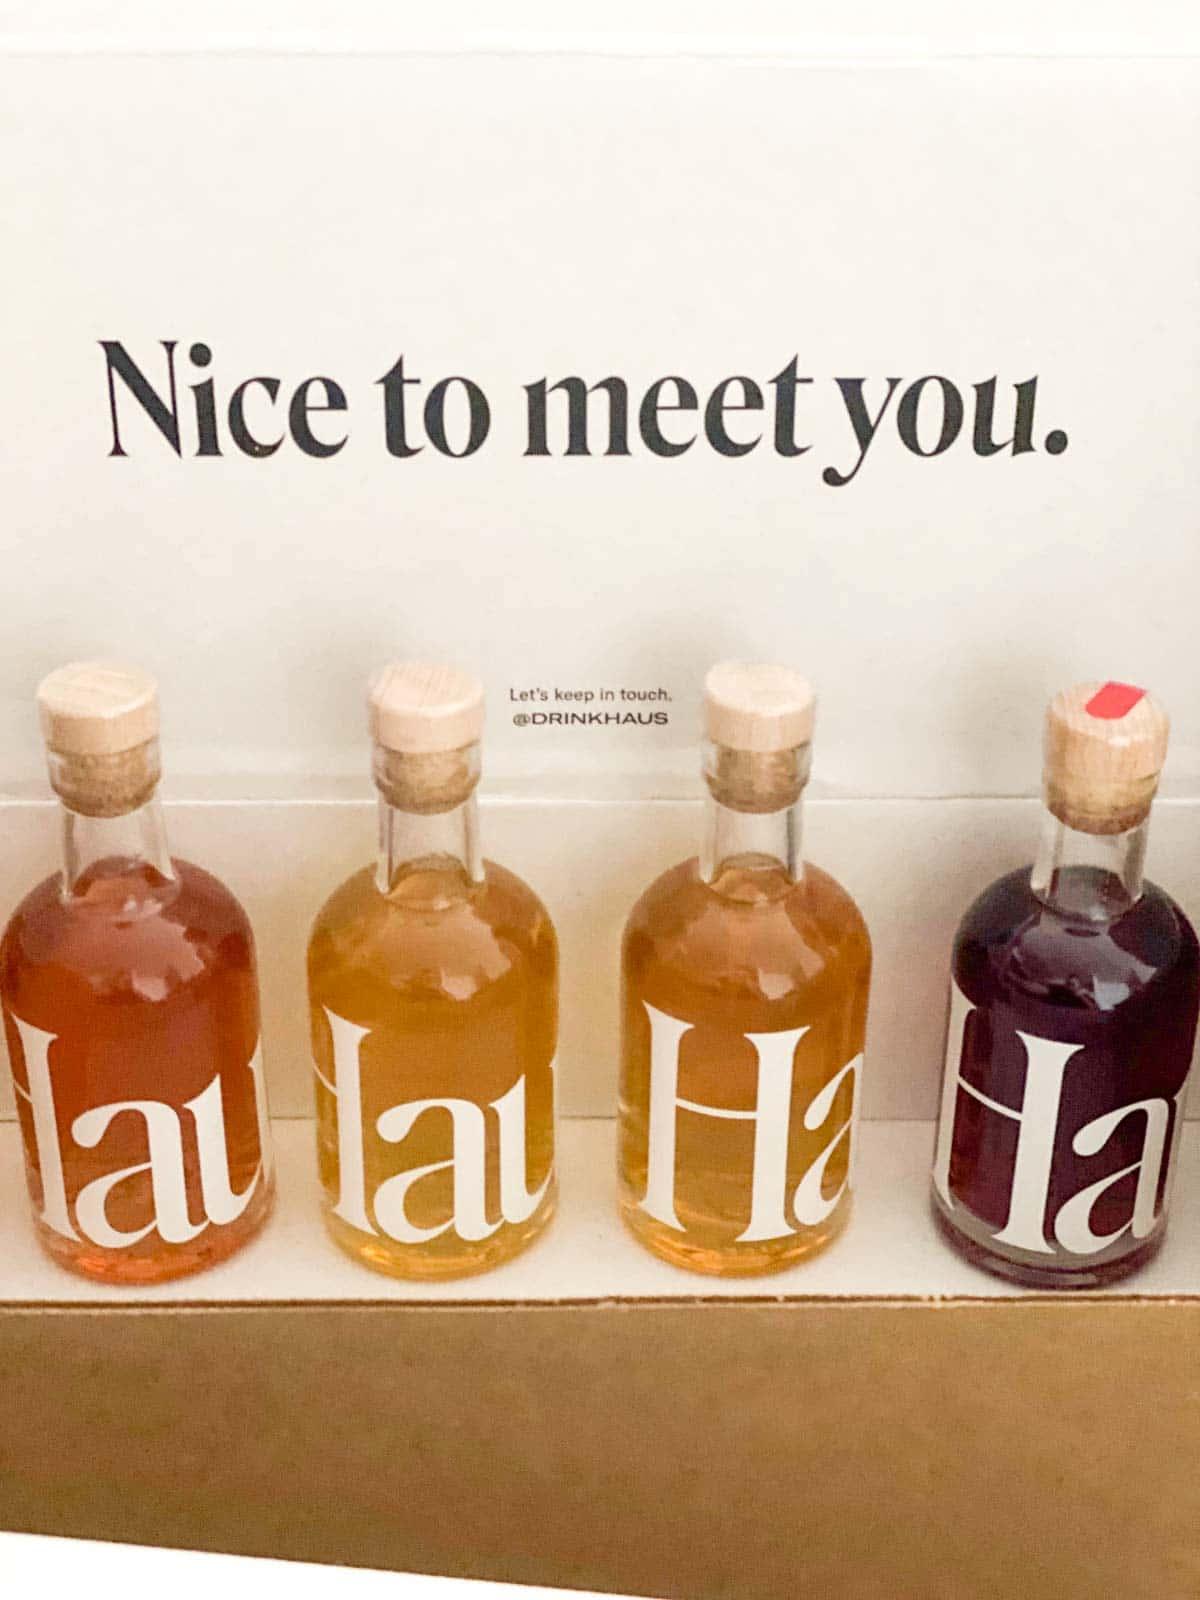 """haus sampler kit 4 bottles, with """"nice to meet you"""" on box"""